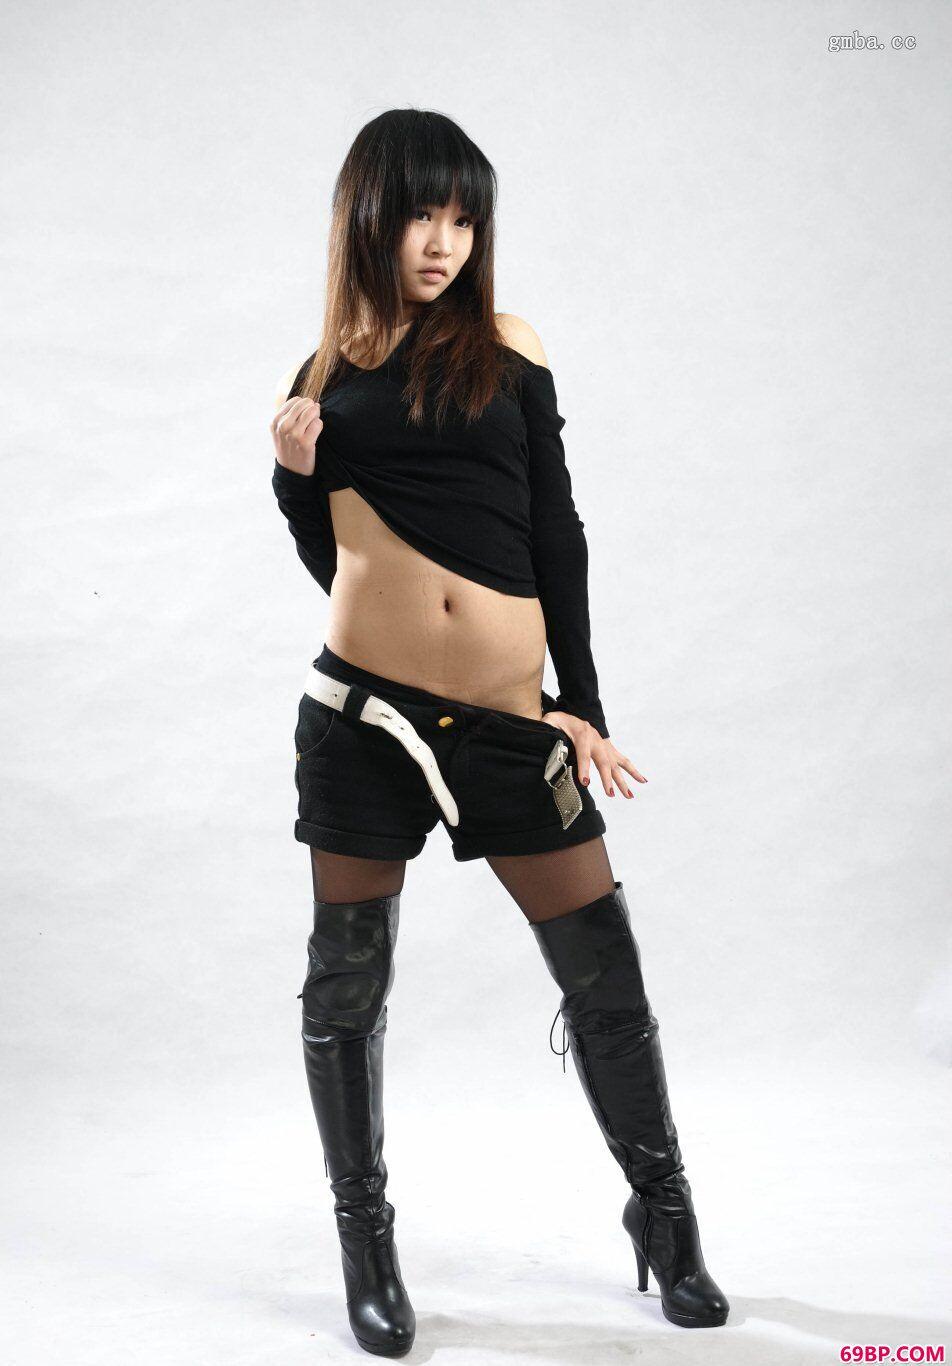 体操运动员璇子高难度动作人体_0